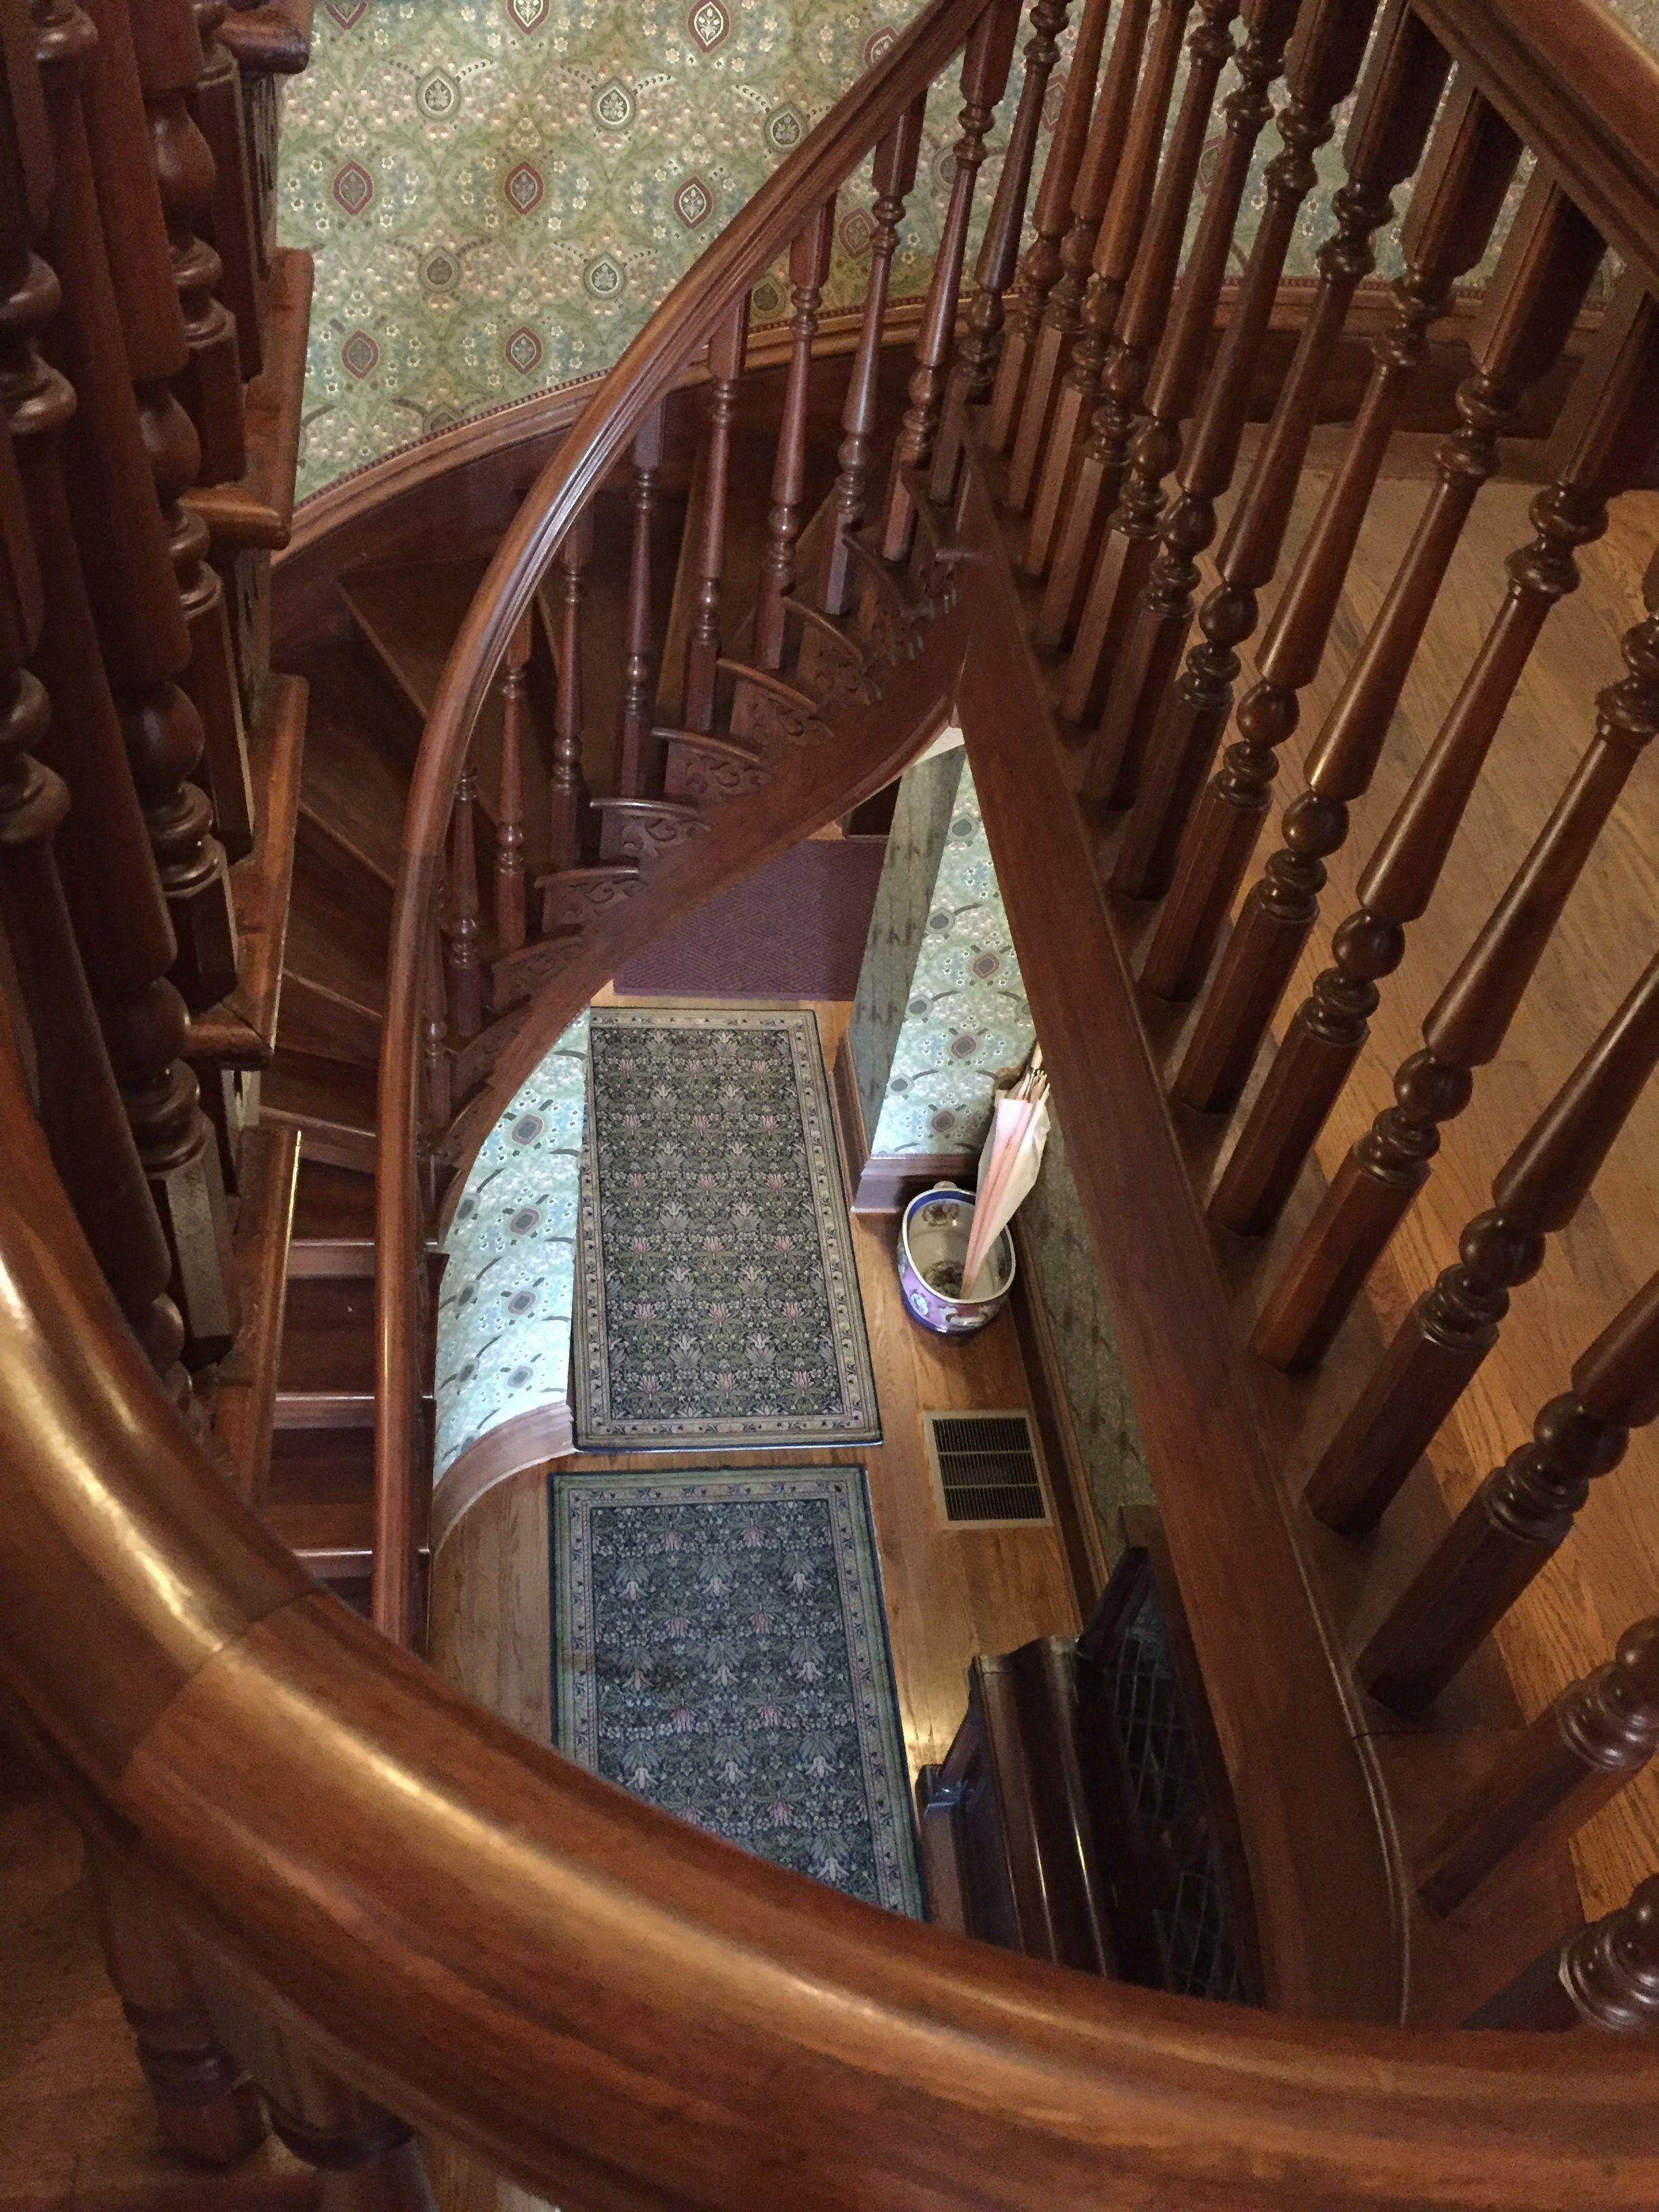 at the Ida Saxton McKinley House in Canton, Ohio Saxton